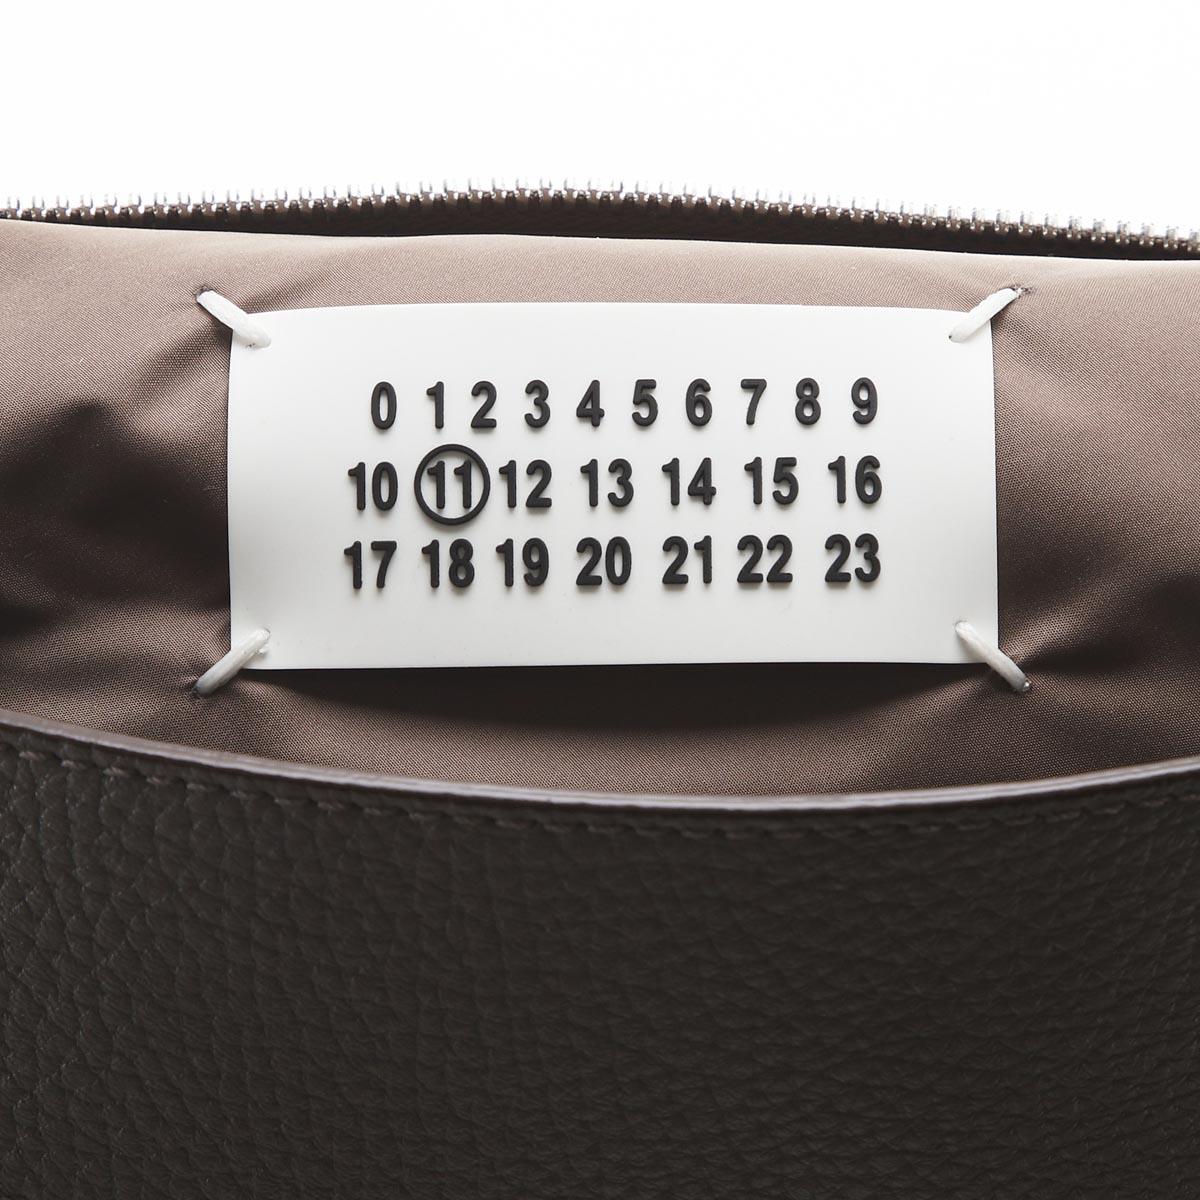 Maison Margiela メゾンマルジェラ クロスボディバッグ 2way/ショルダーバッグ クラッチバッグ/11 女性と男性のためのアクセサリーコレクション 5AC メンズ